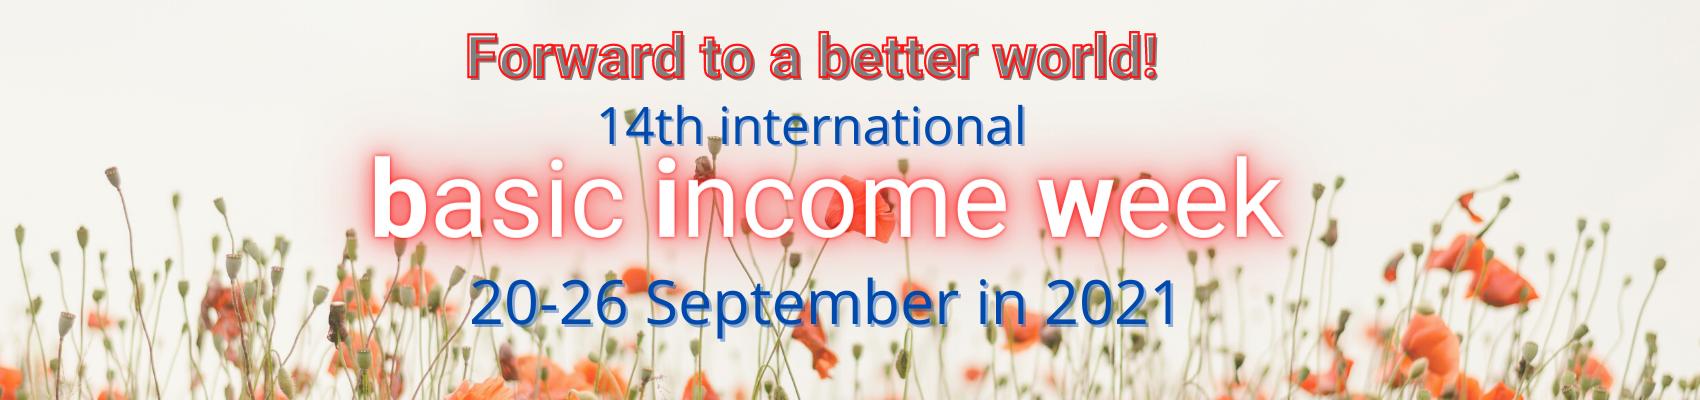 2021 Basic Income Week